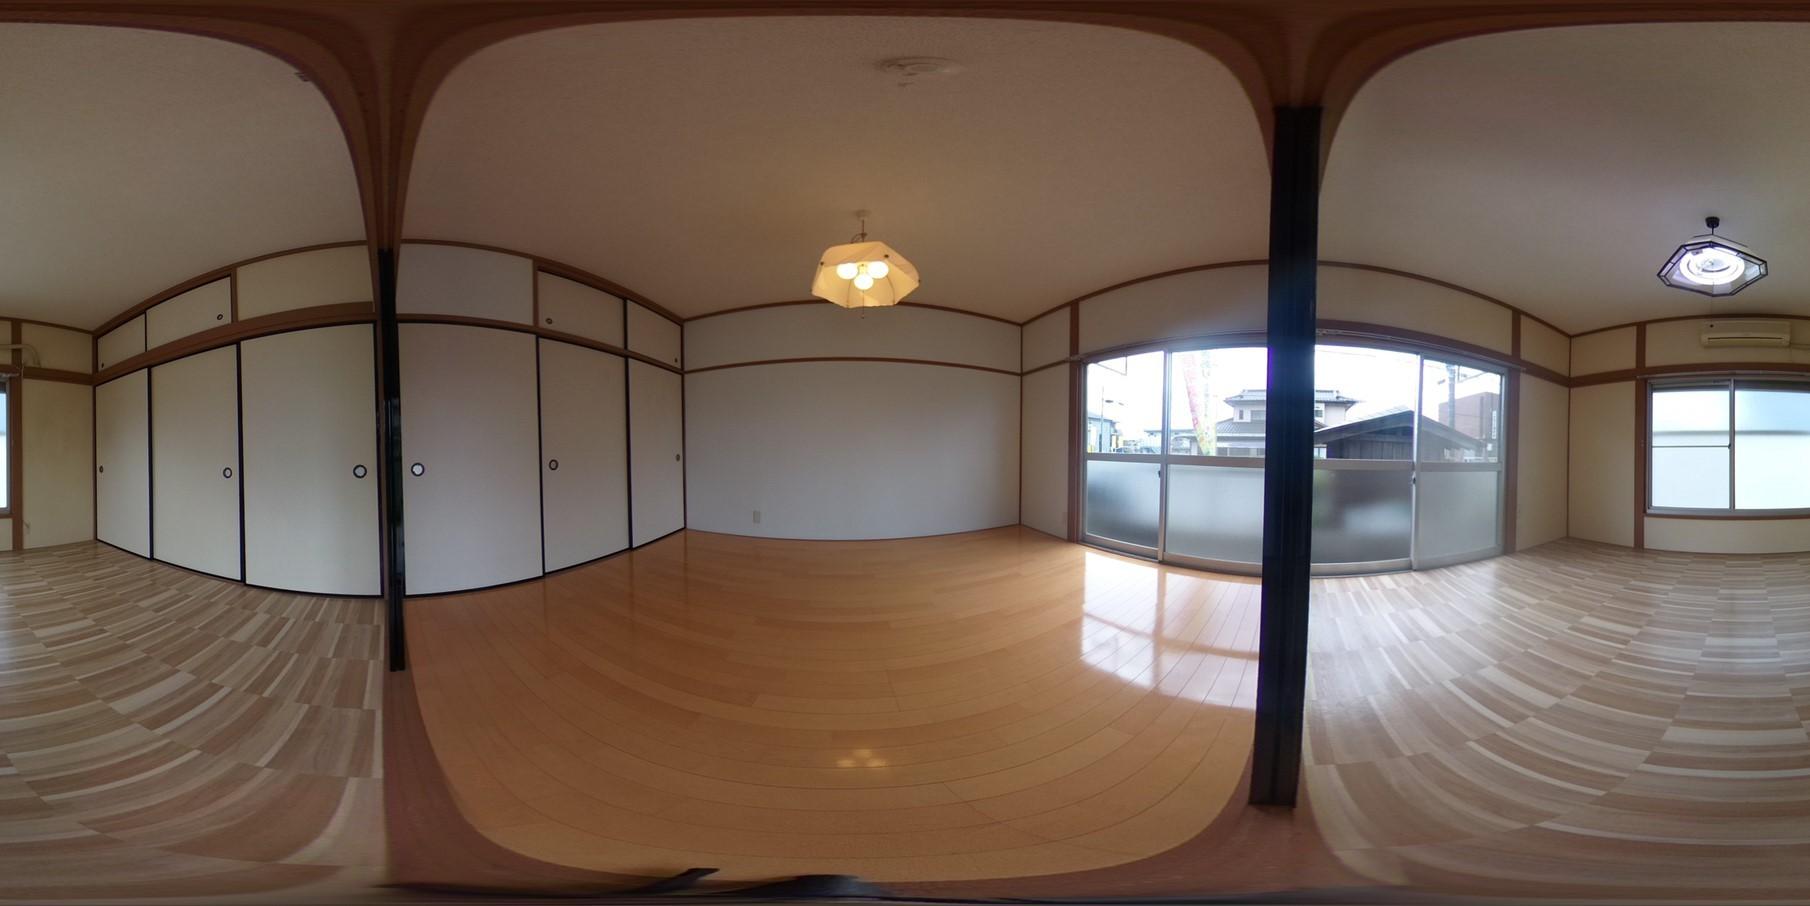 床や壁紙張り替え済みで綺麗です